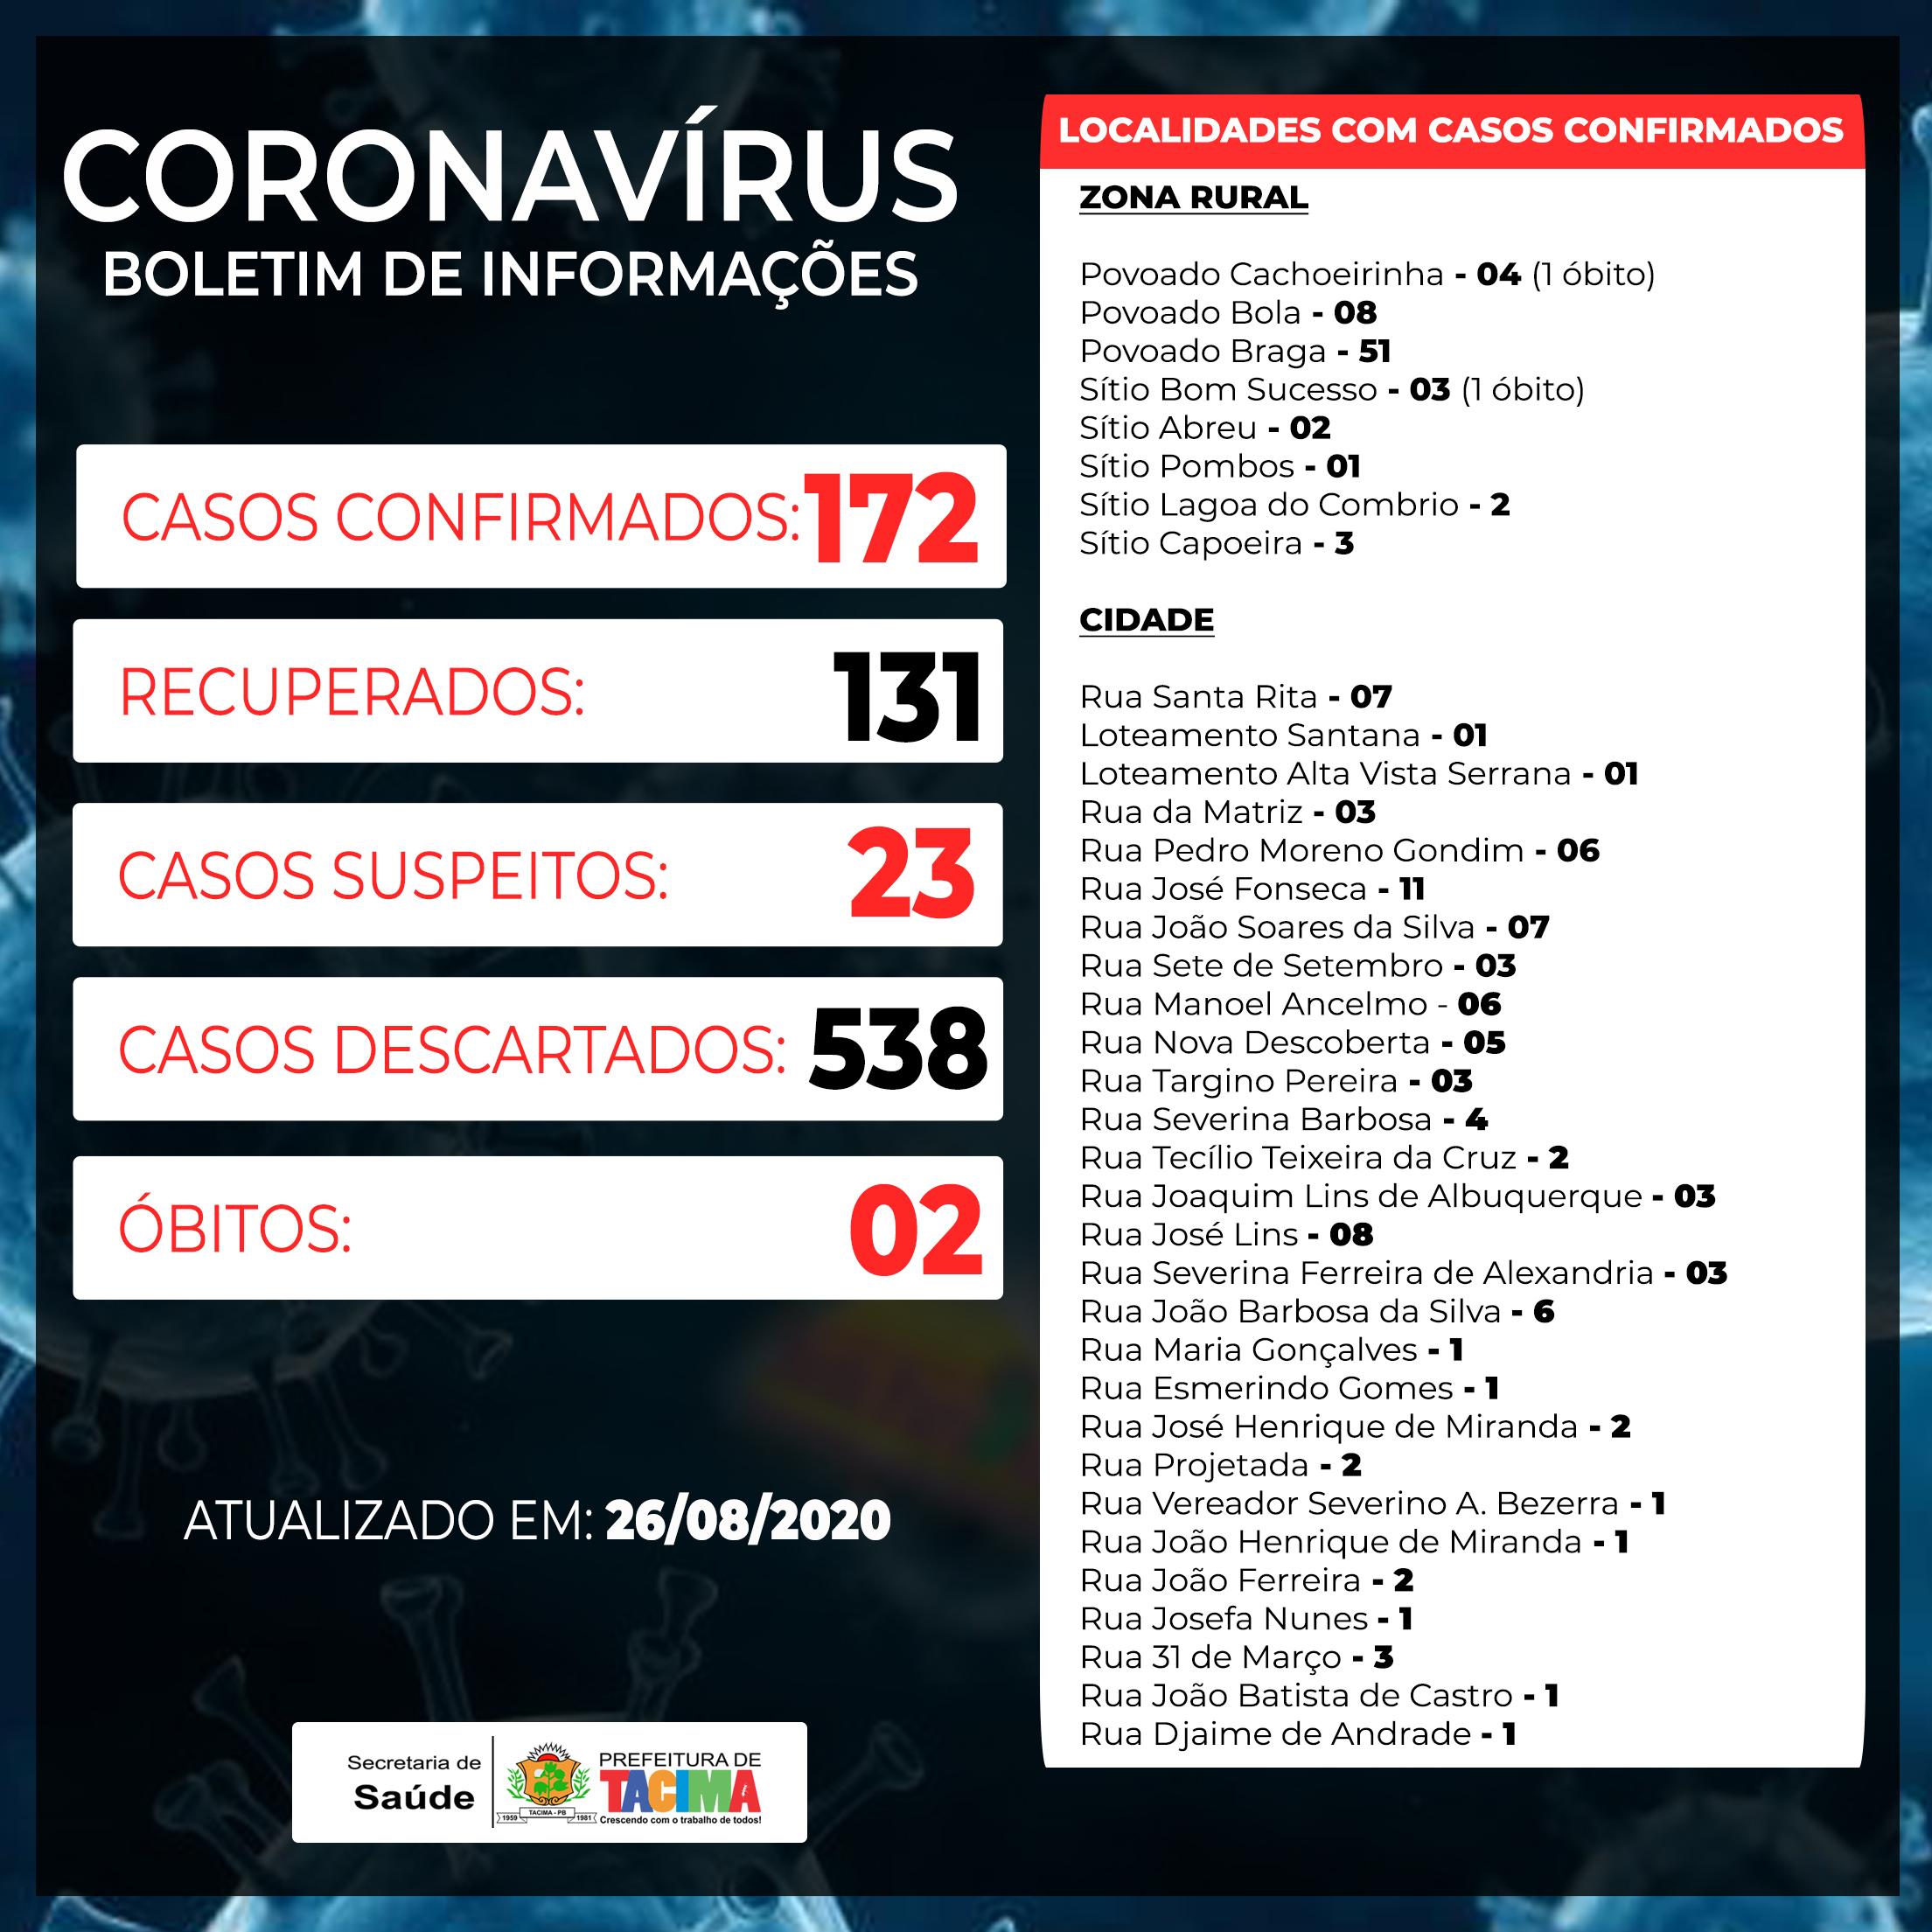 Boletim de informações Covid-19 no município de Tacima de 26 de agosto de 2020